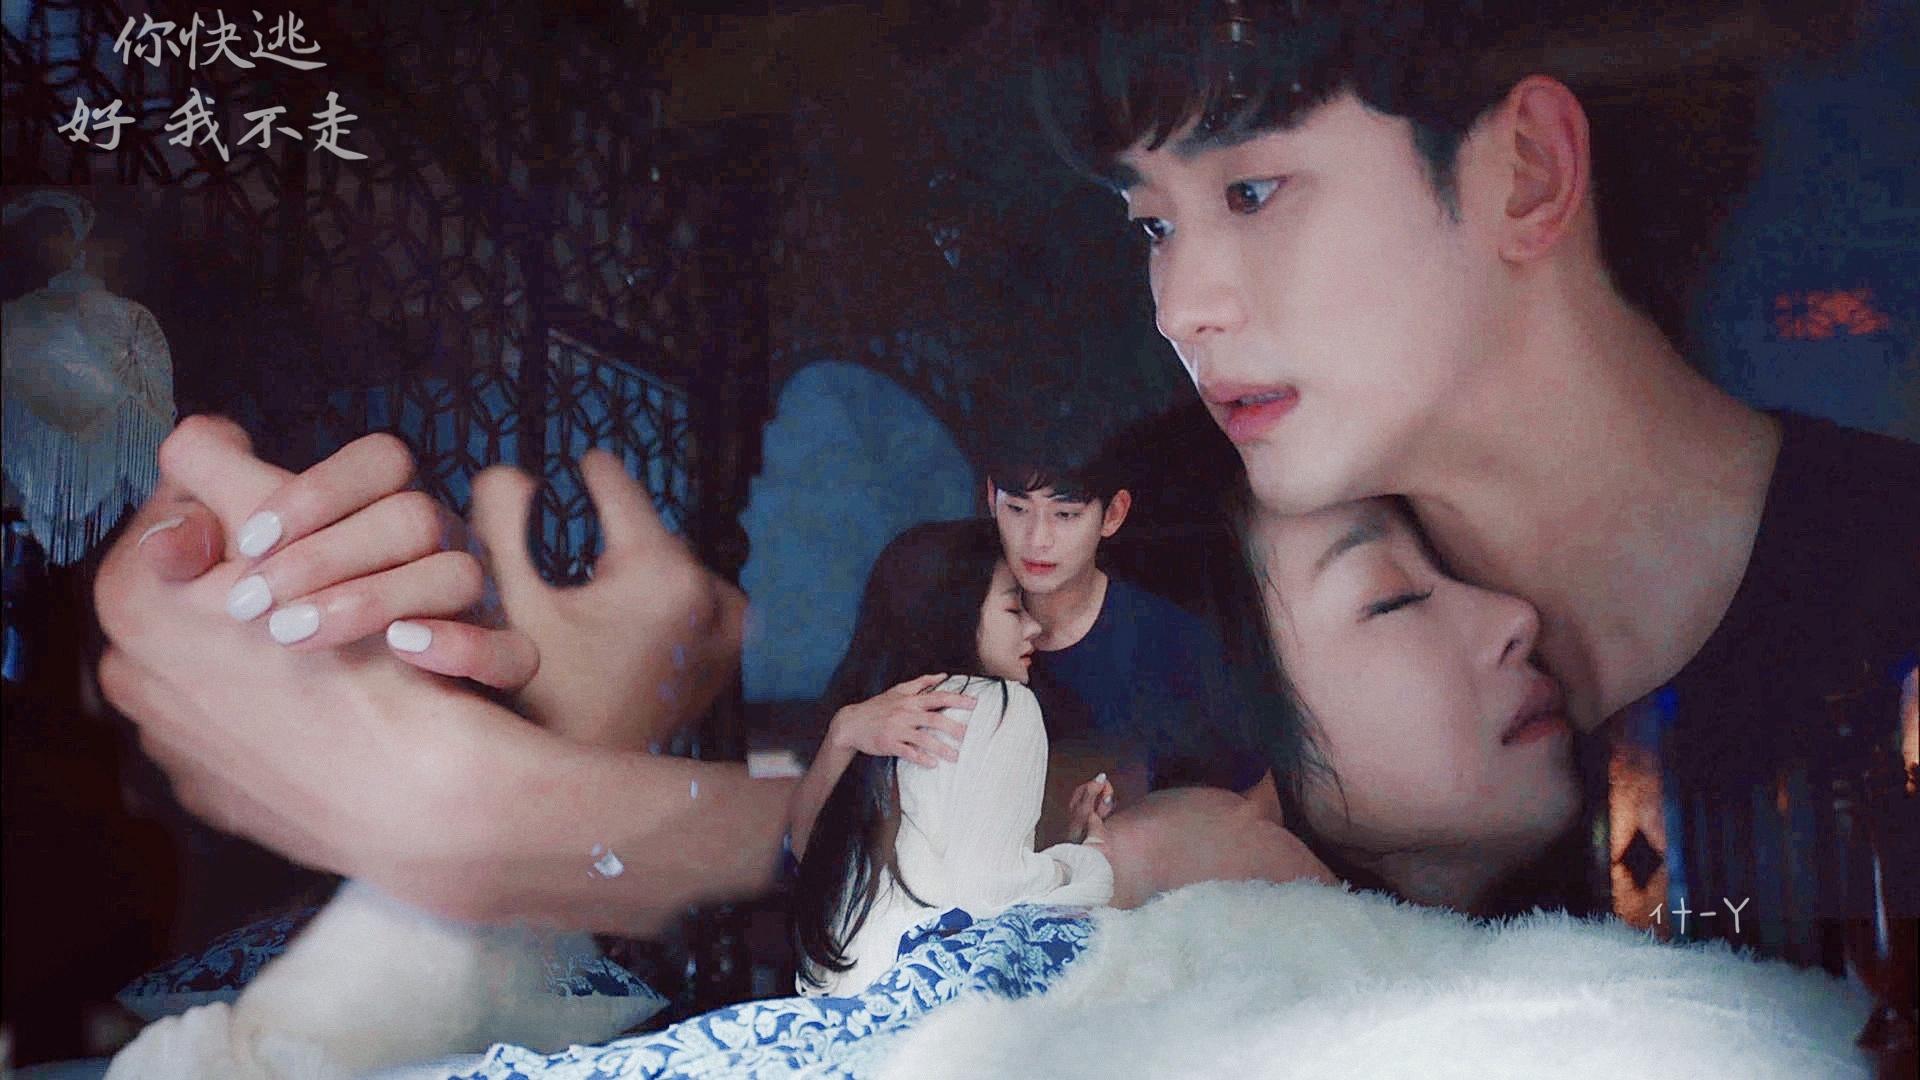 10 cặp đôi màn ảnh được fan phim Hàn kêu gào đòi tái hợp: Số 1 đích thị là IU - Lee Jun Ki rồi! - Ảnh 6.